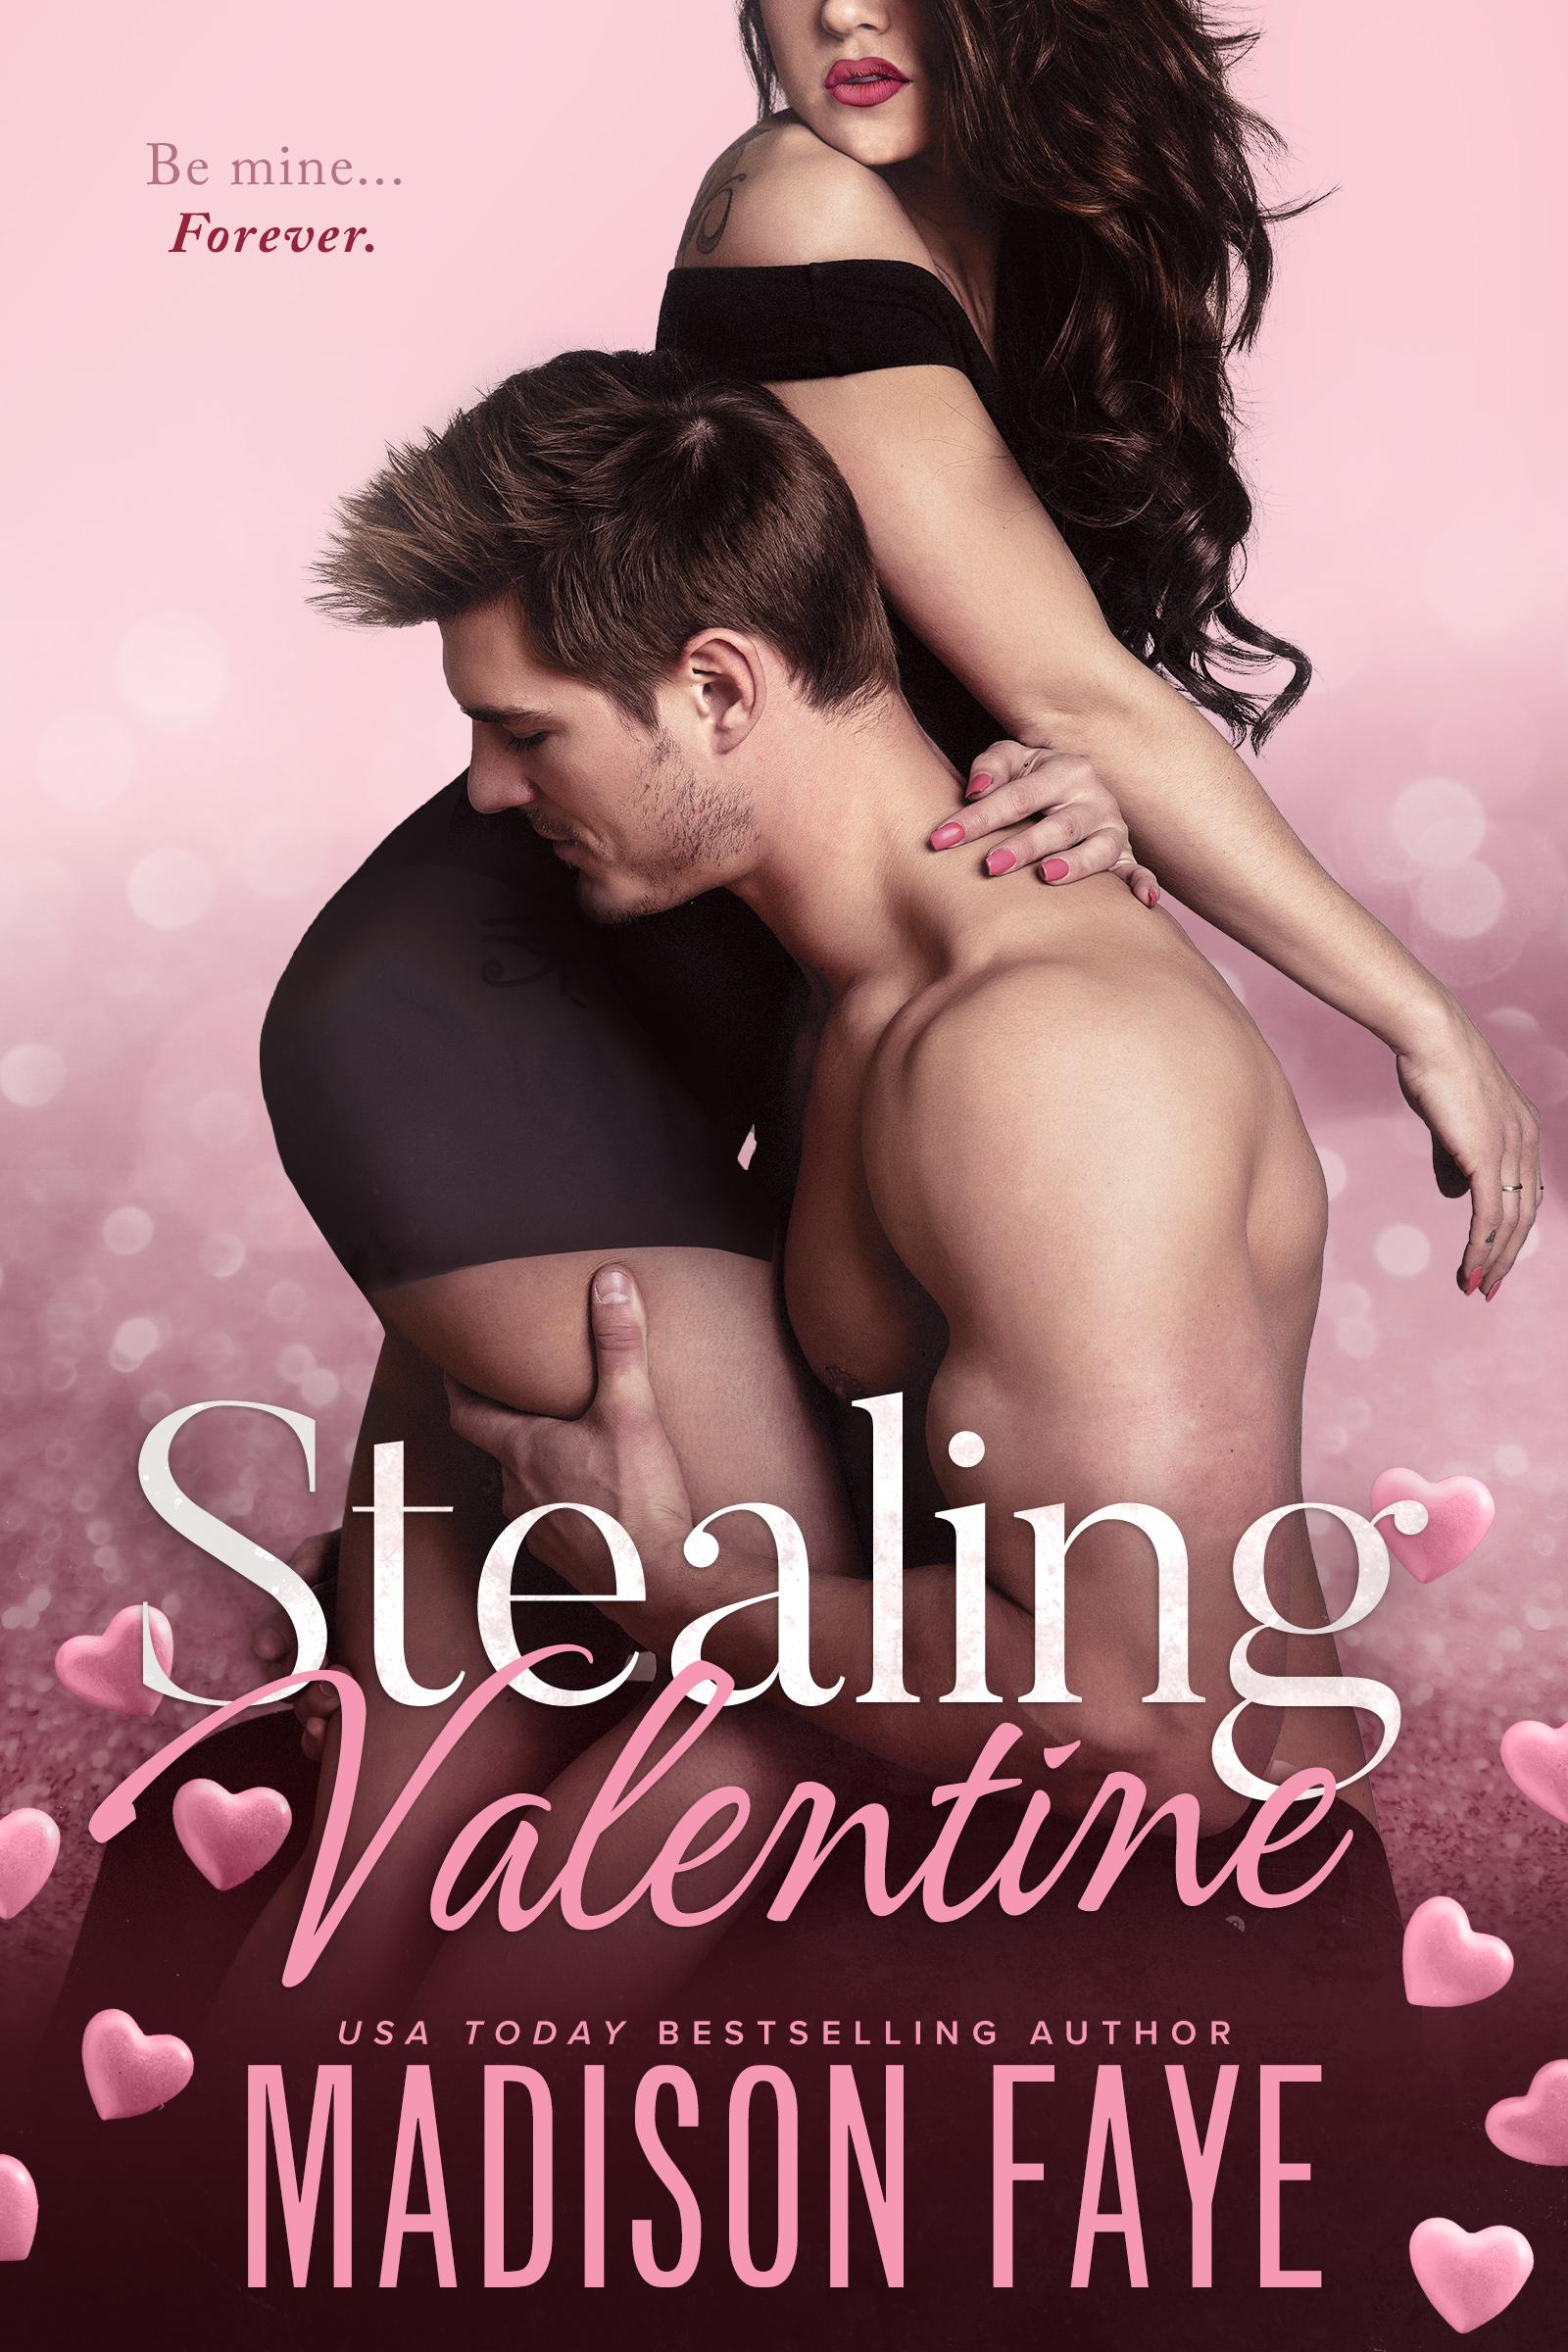 StealingValentine_Ebook.jpg